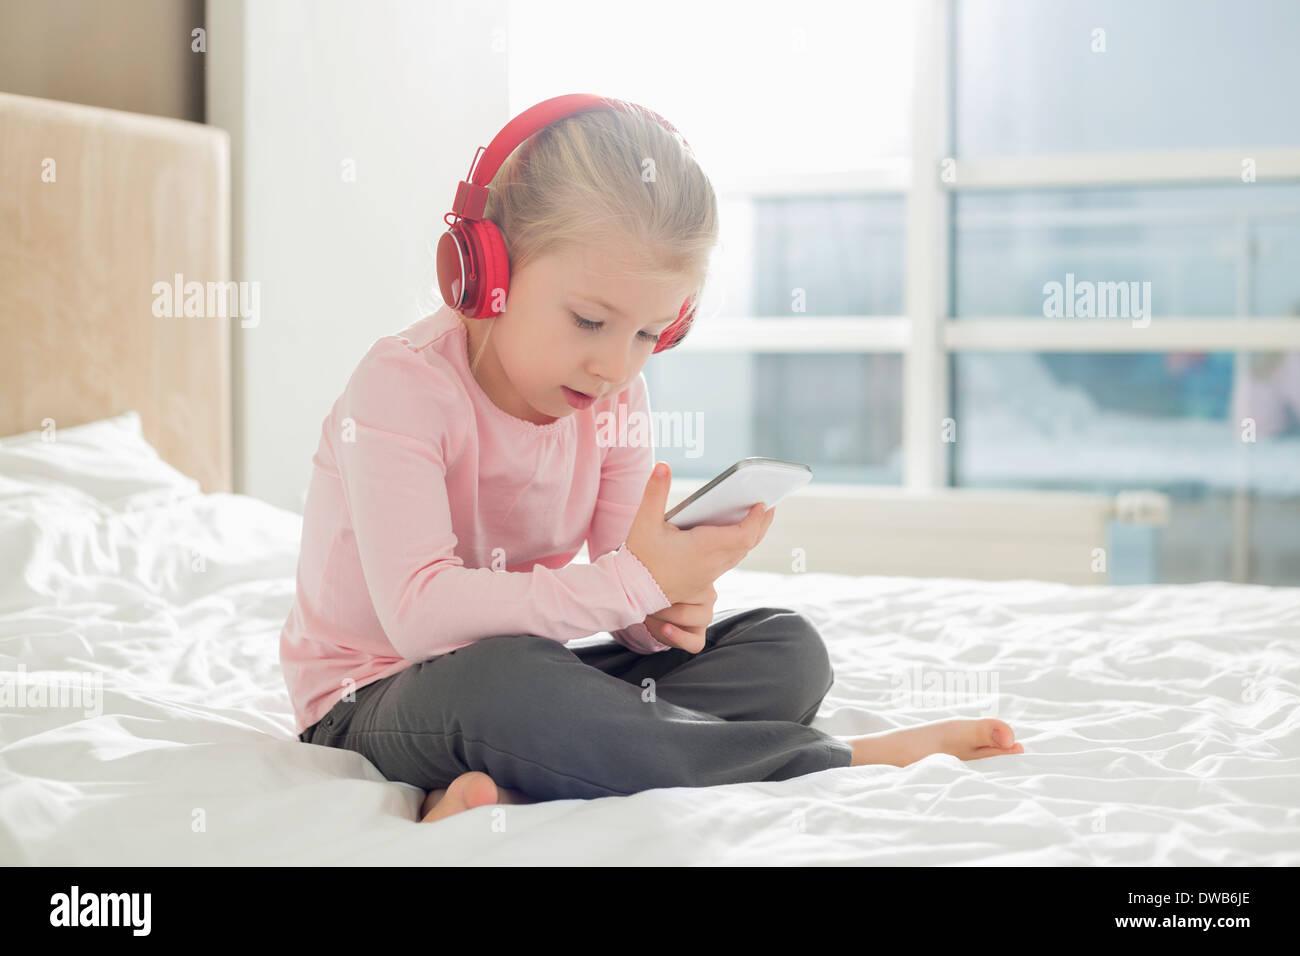 Gesamte Länge der Mädchen hören von Musik über Kopfhörer im Schlafzimmer Stockbild